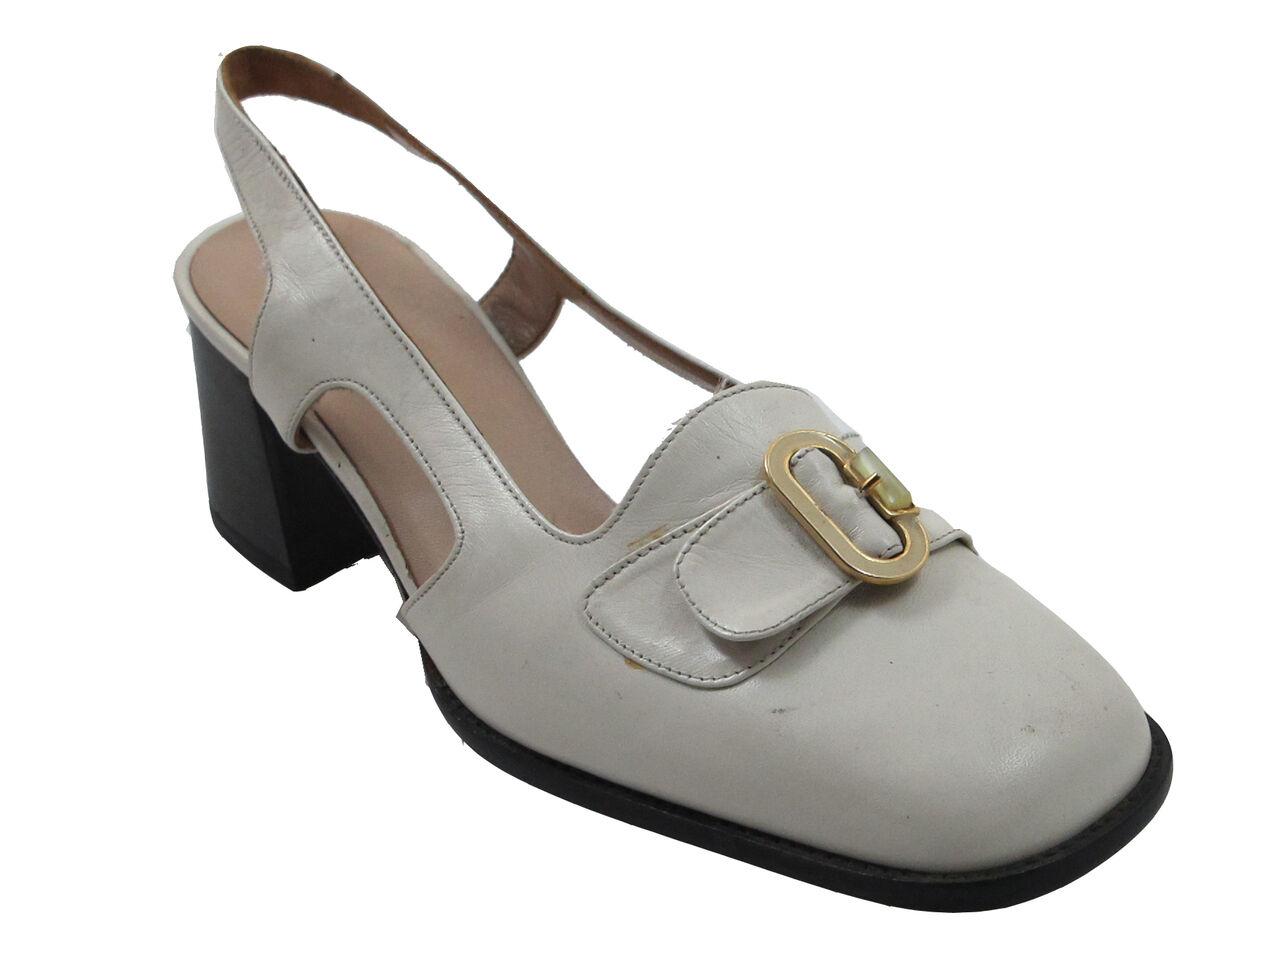 Tahari Women's Ta-Waver Wedge Sandal - Choose SZ/Color